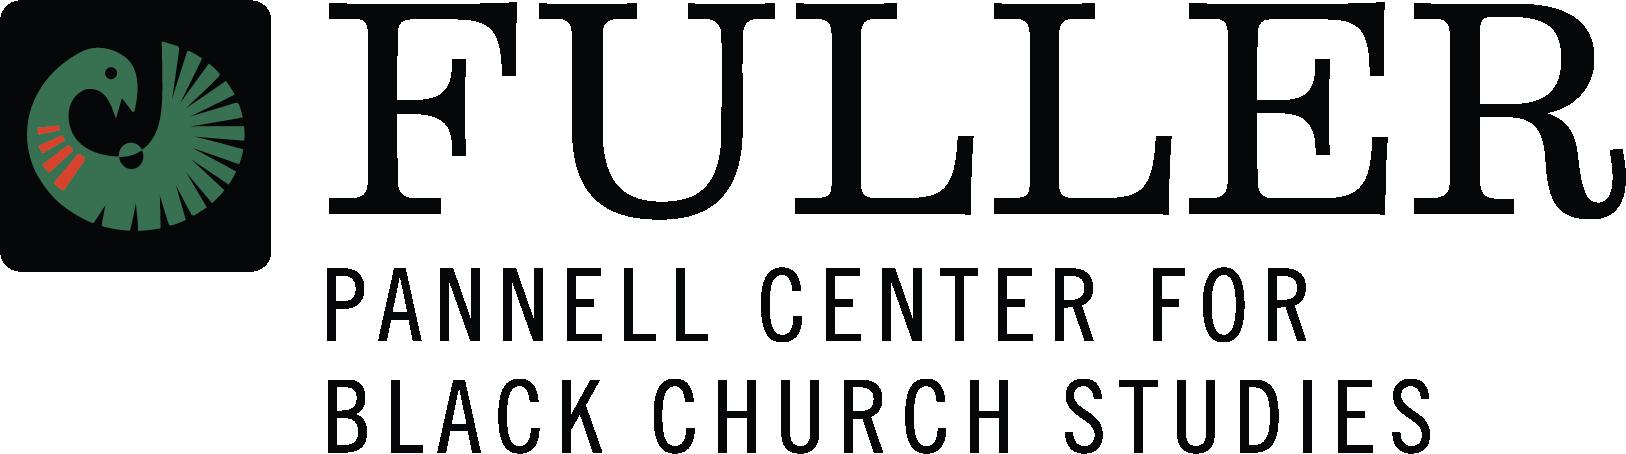 Panell Center logo